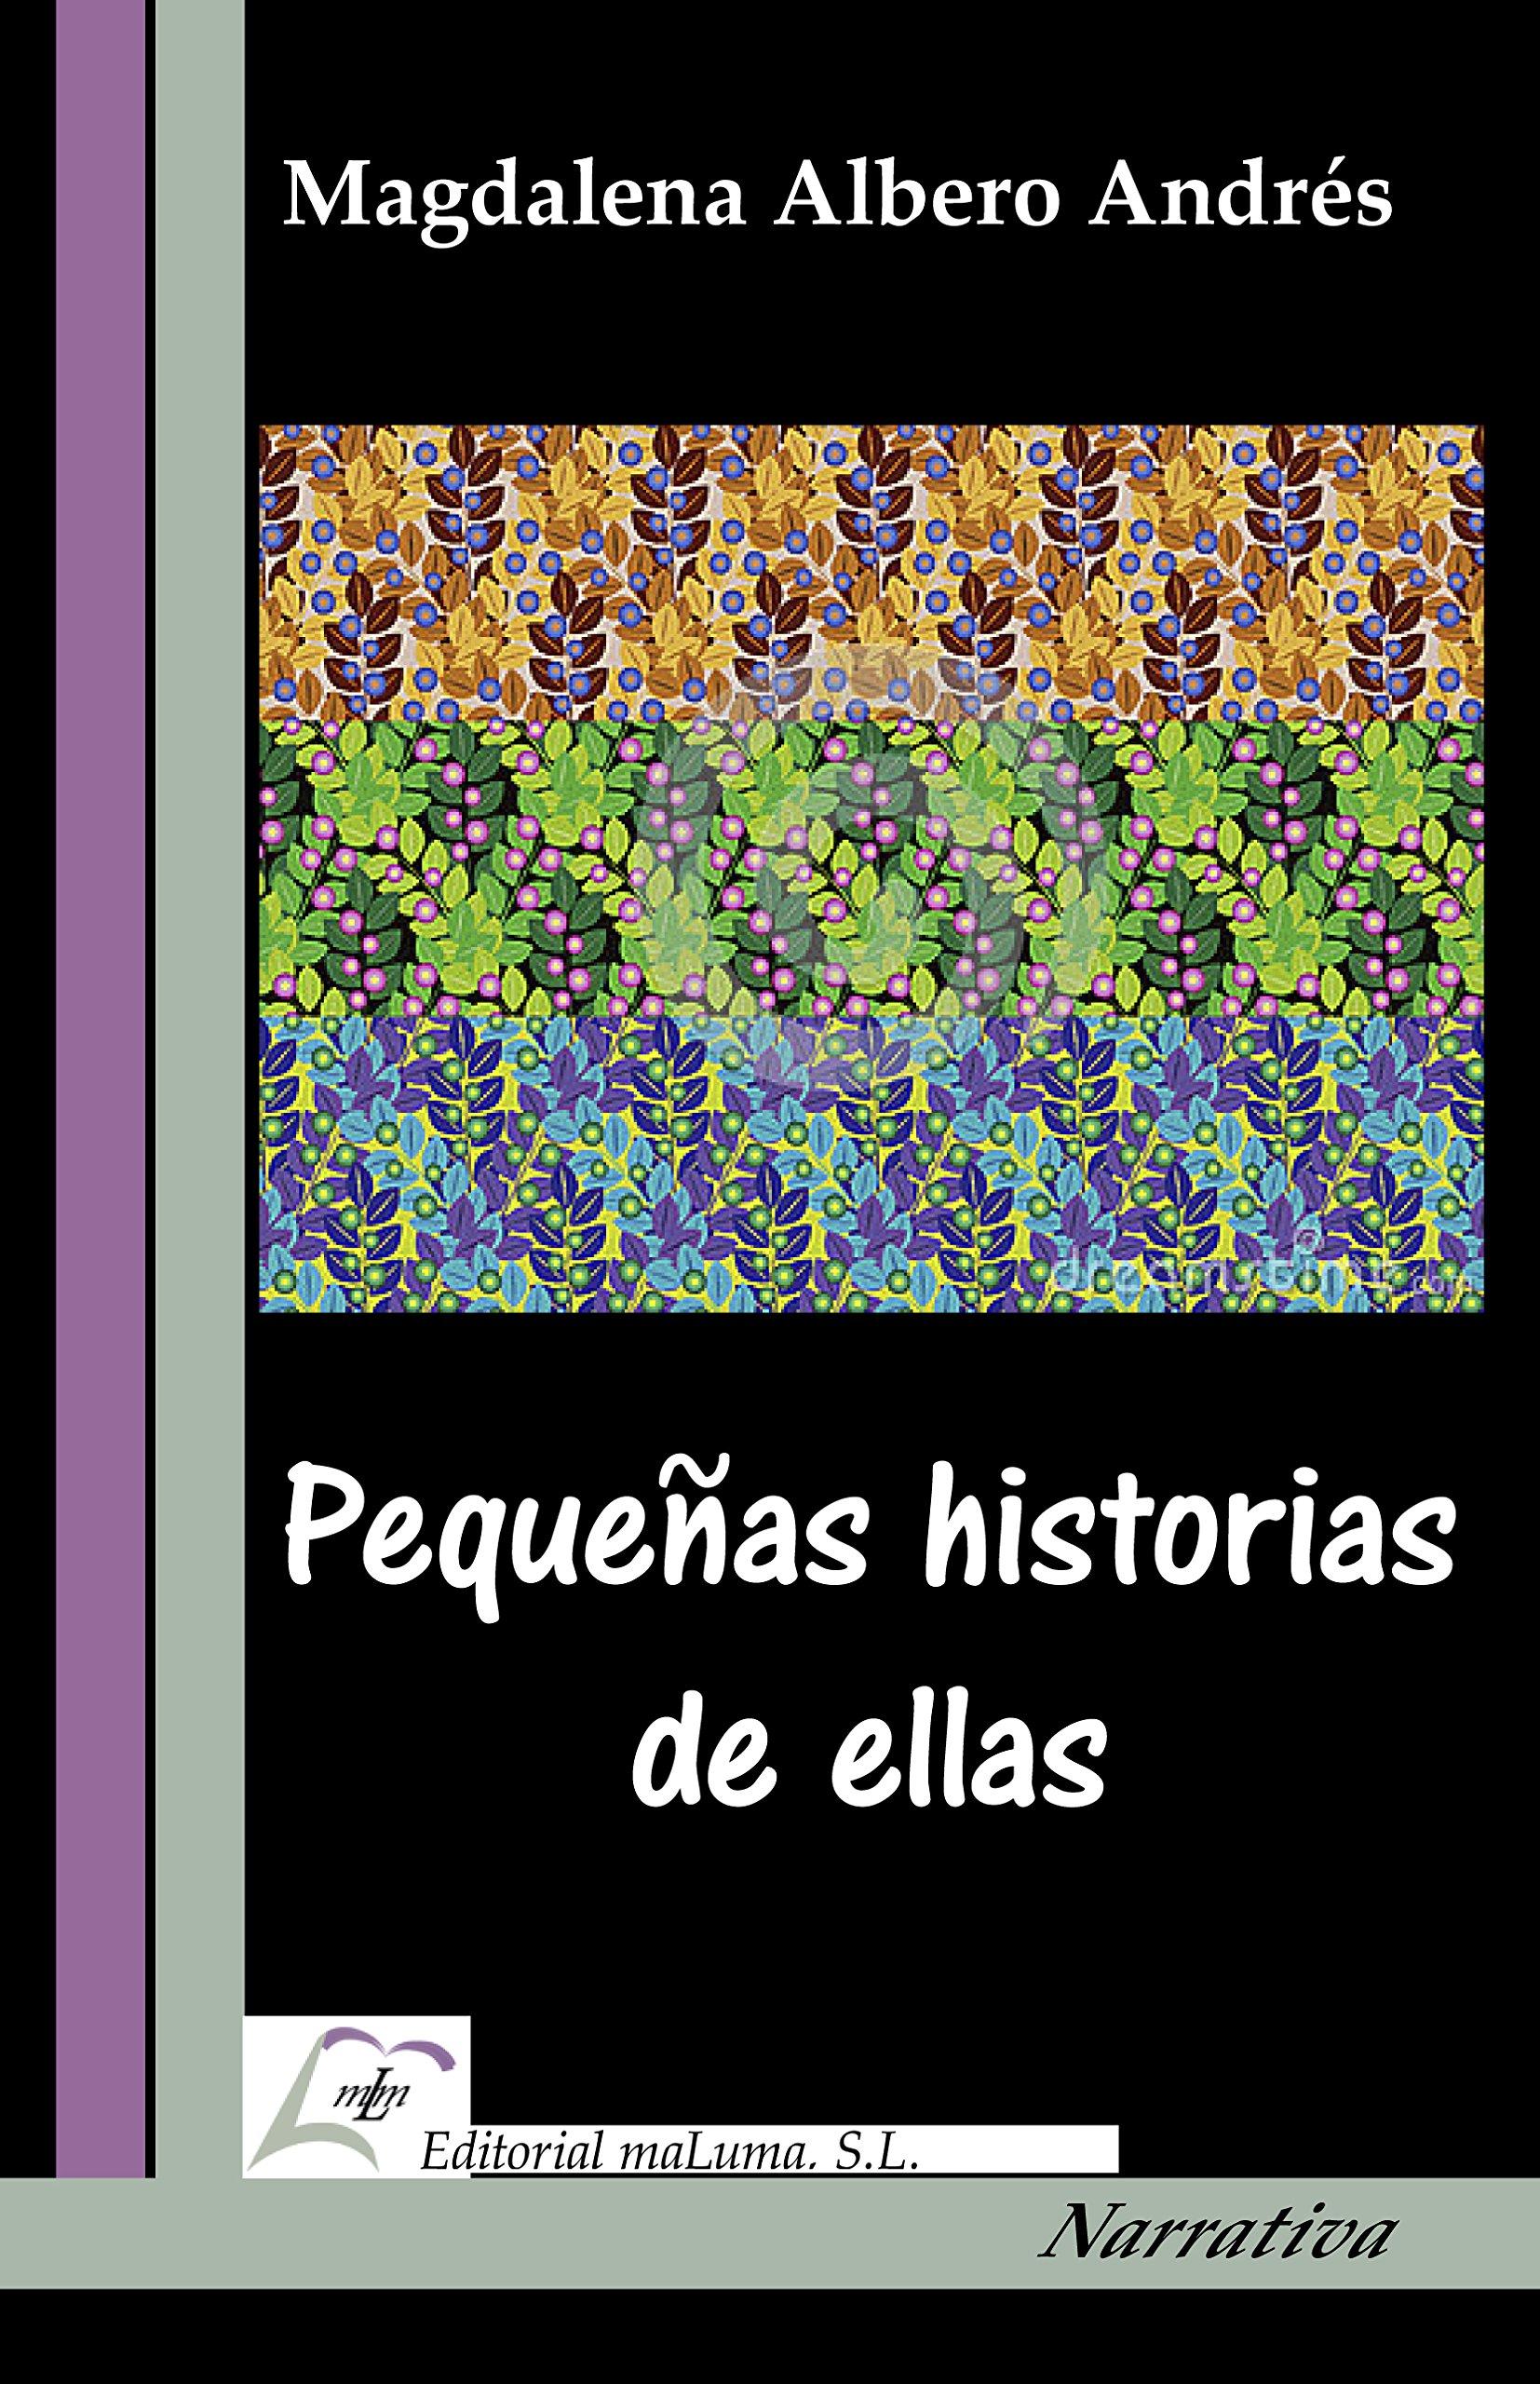 Pequeñas historias de ellas: Amazon.es: Albero Andrés, Magdalena: Libros